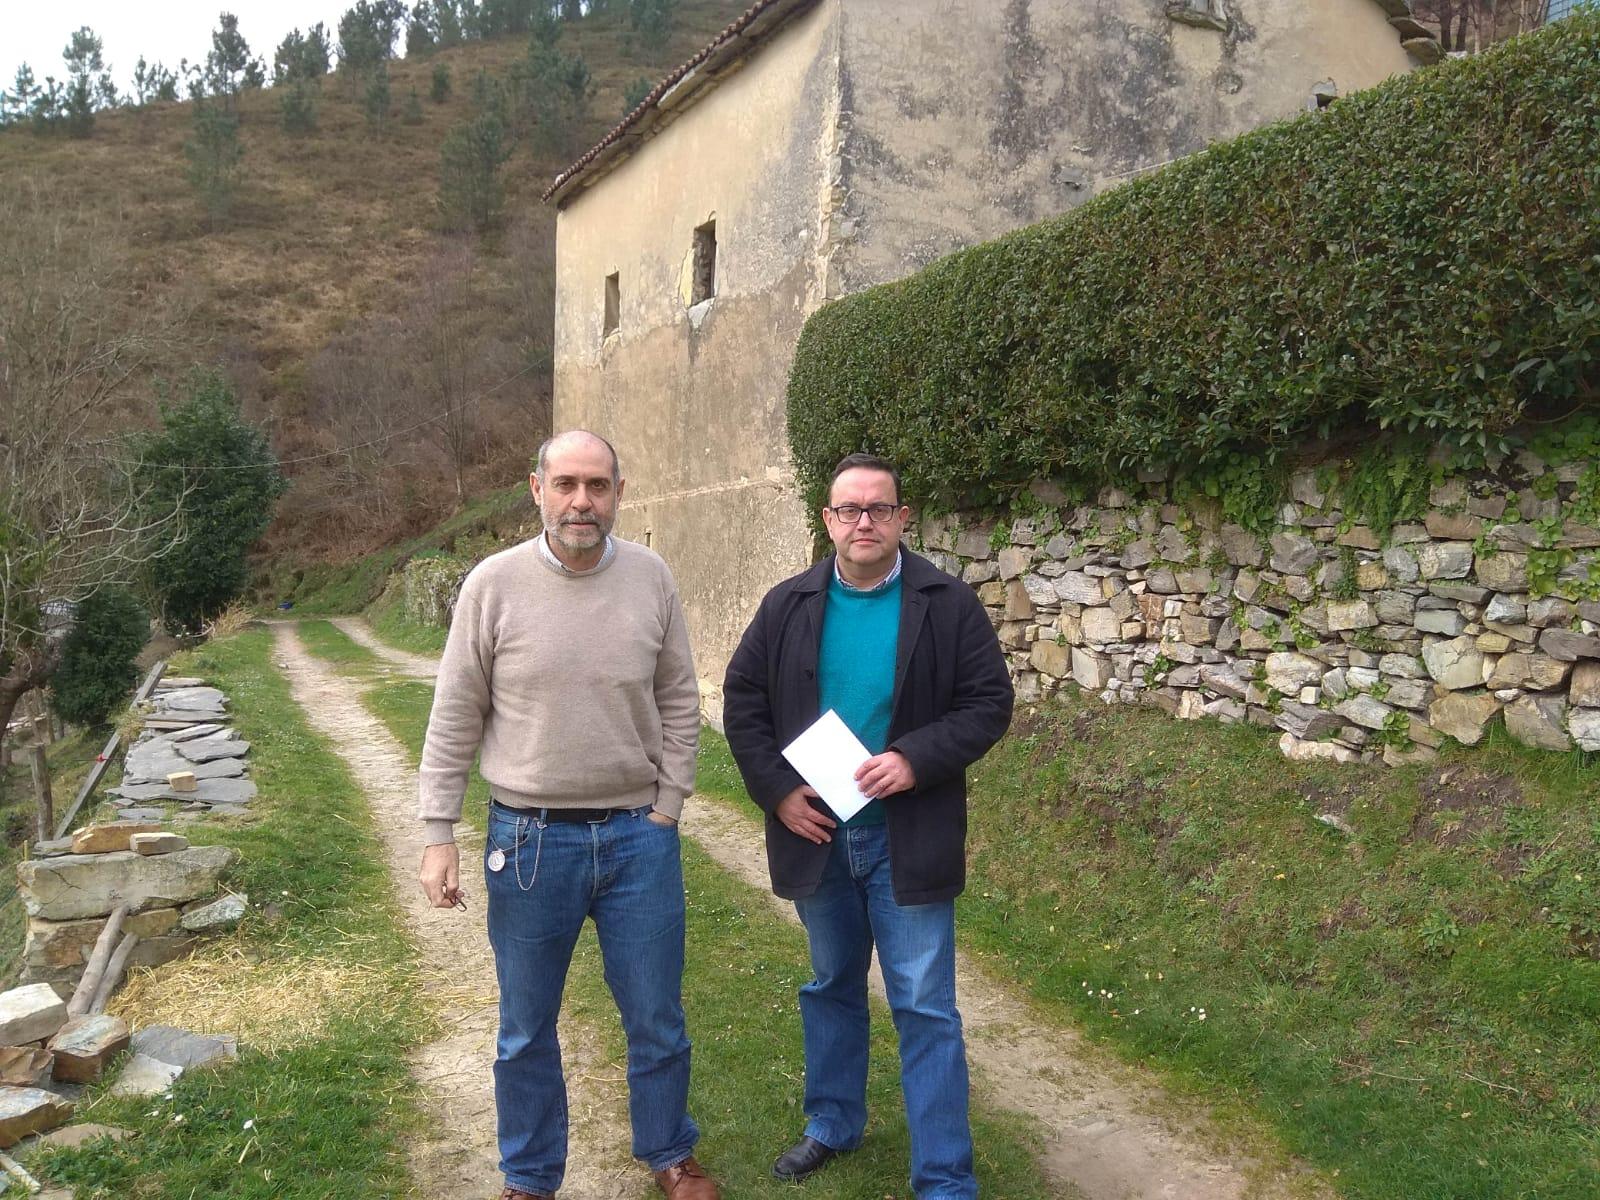 Ciudadanos Valdés denuncia que el depósito de extinción de incendios de El Ordial se encuentra vacío